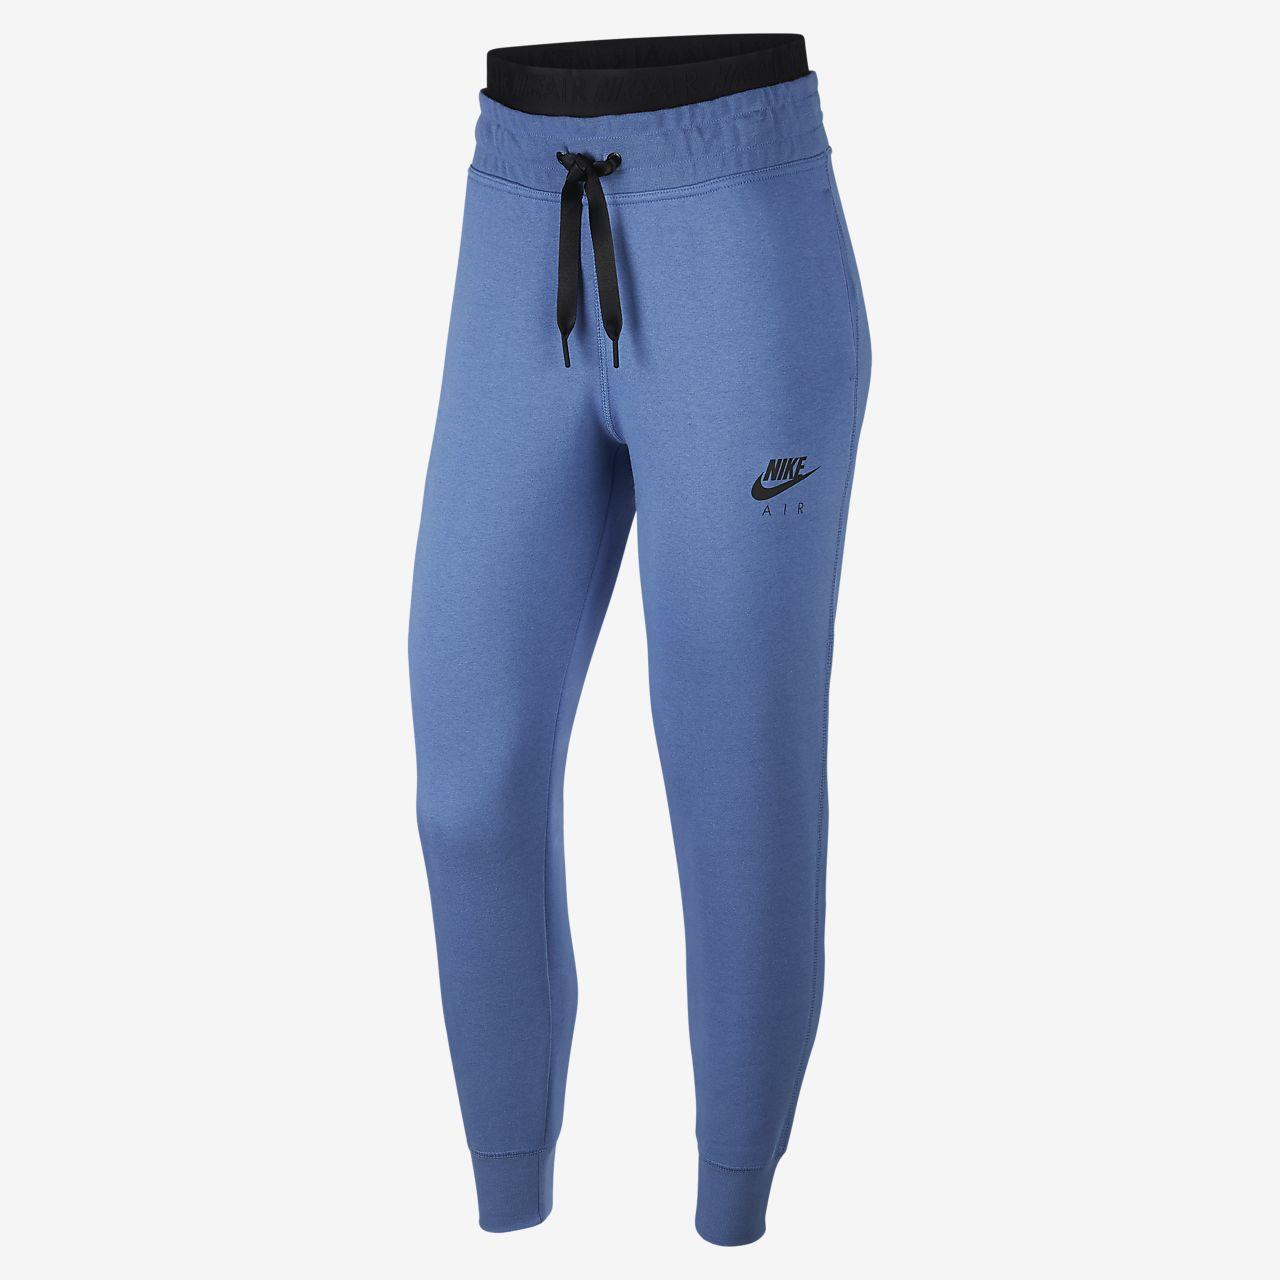 Fleecebyxor Nike Air för kvinnor